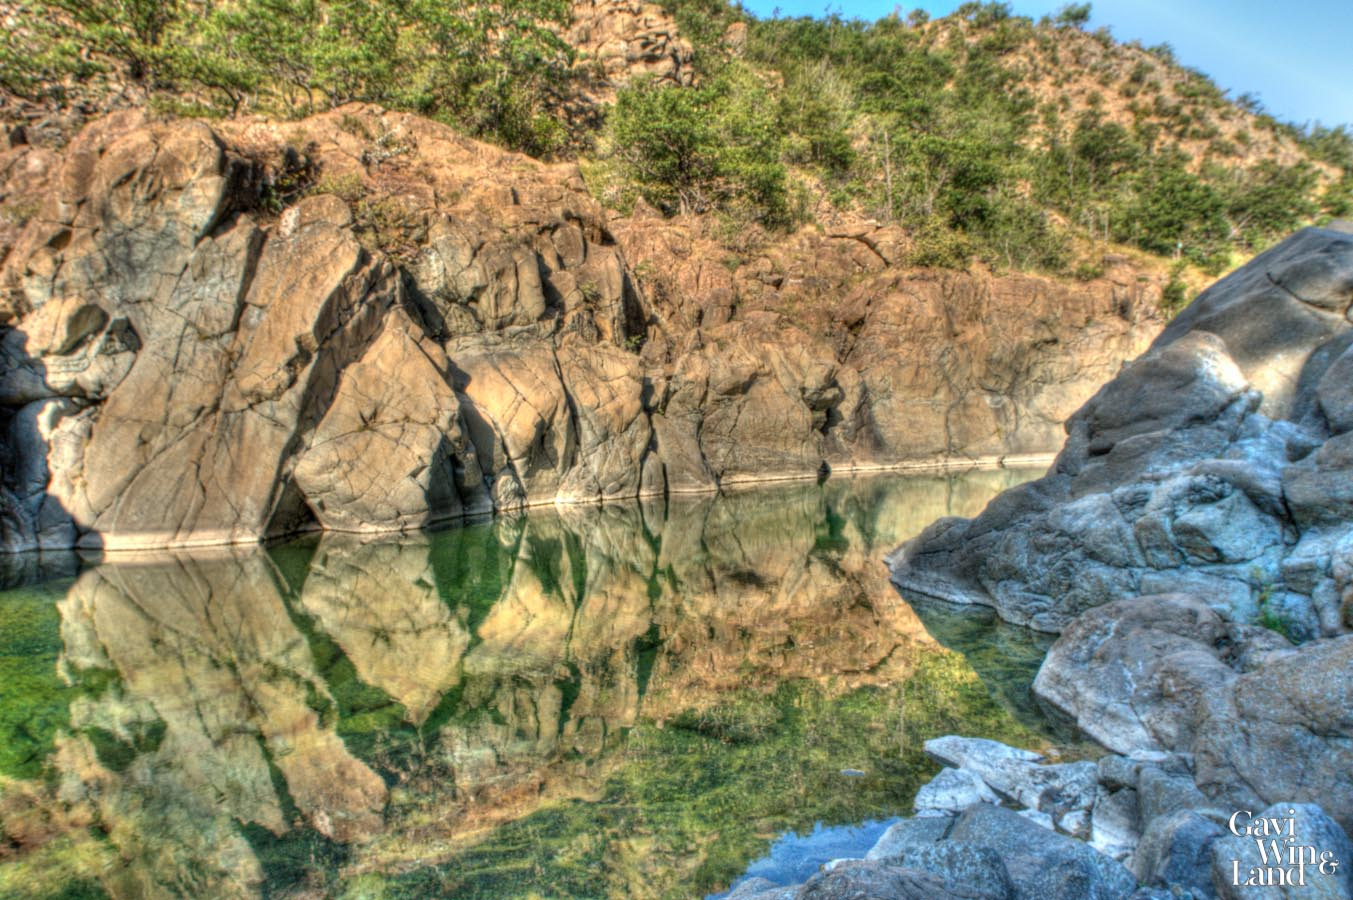 I laghi della Lavagnina